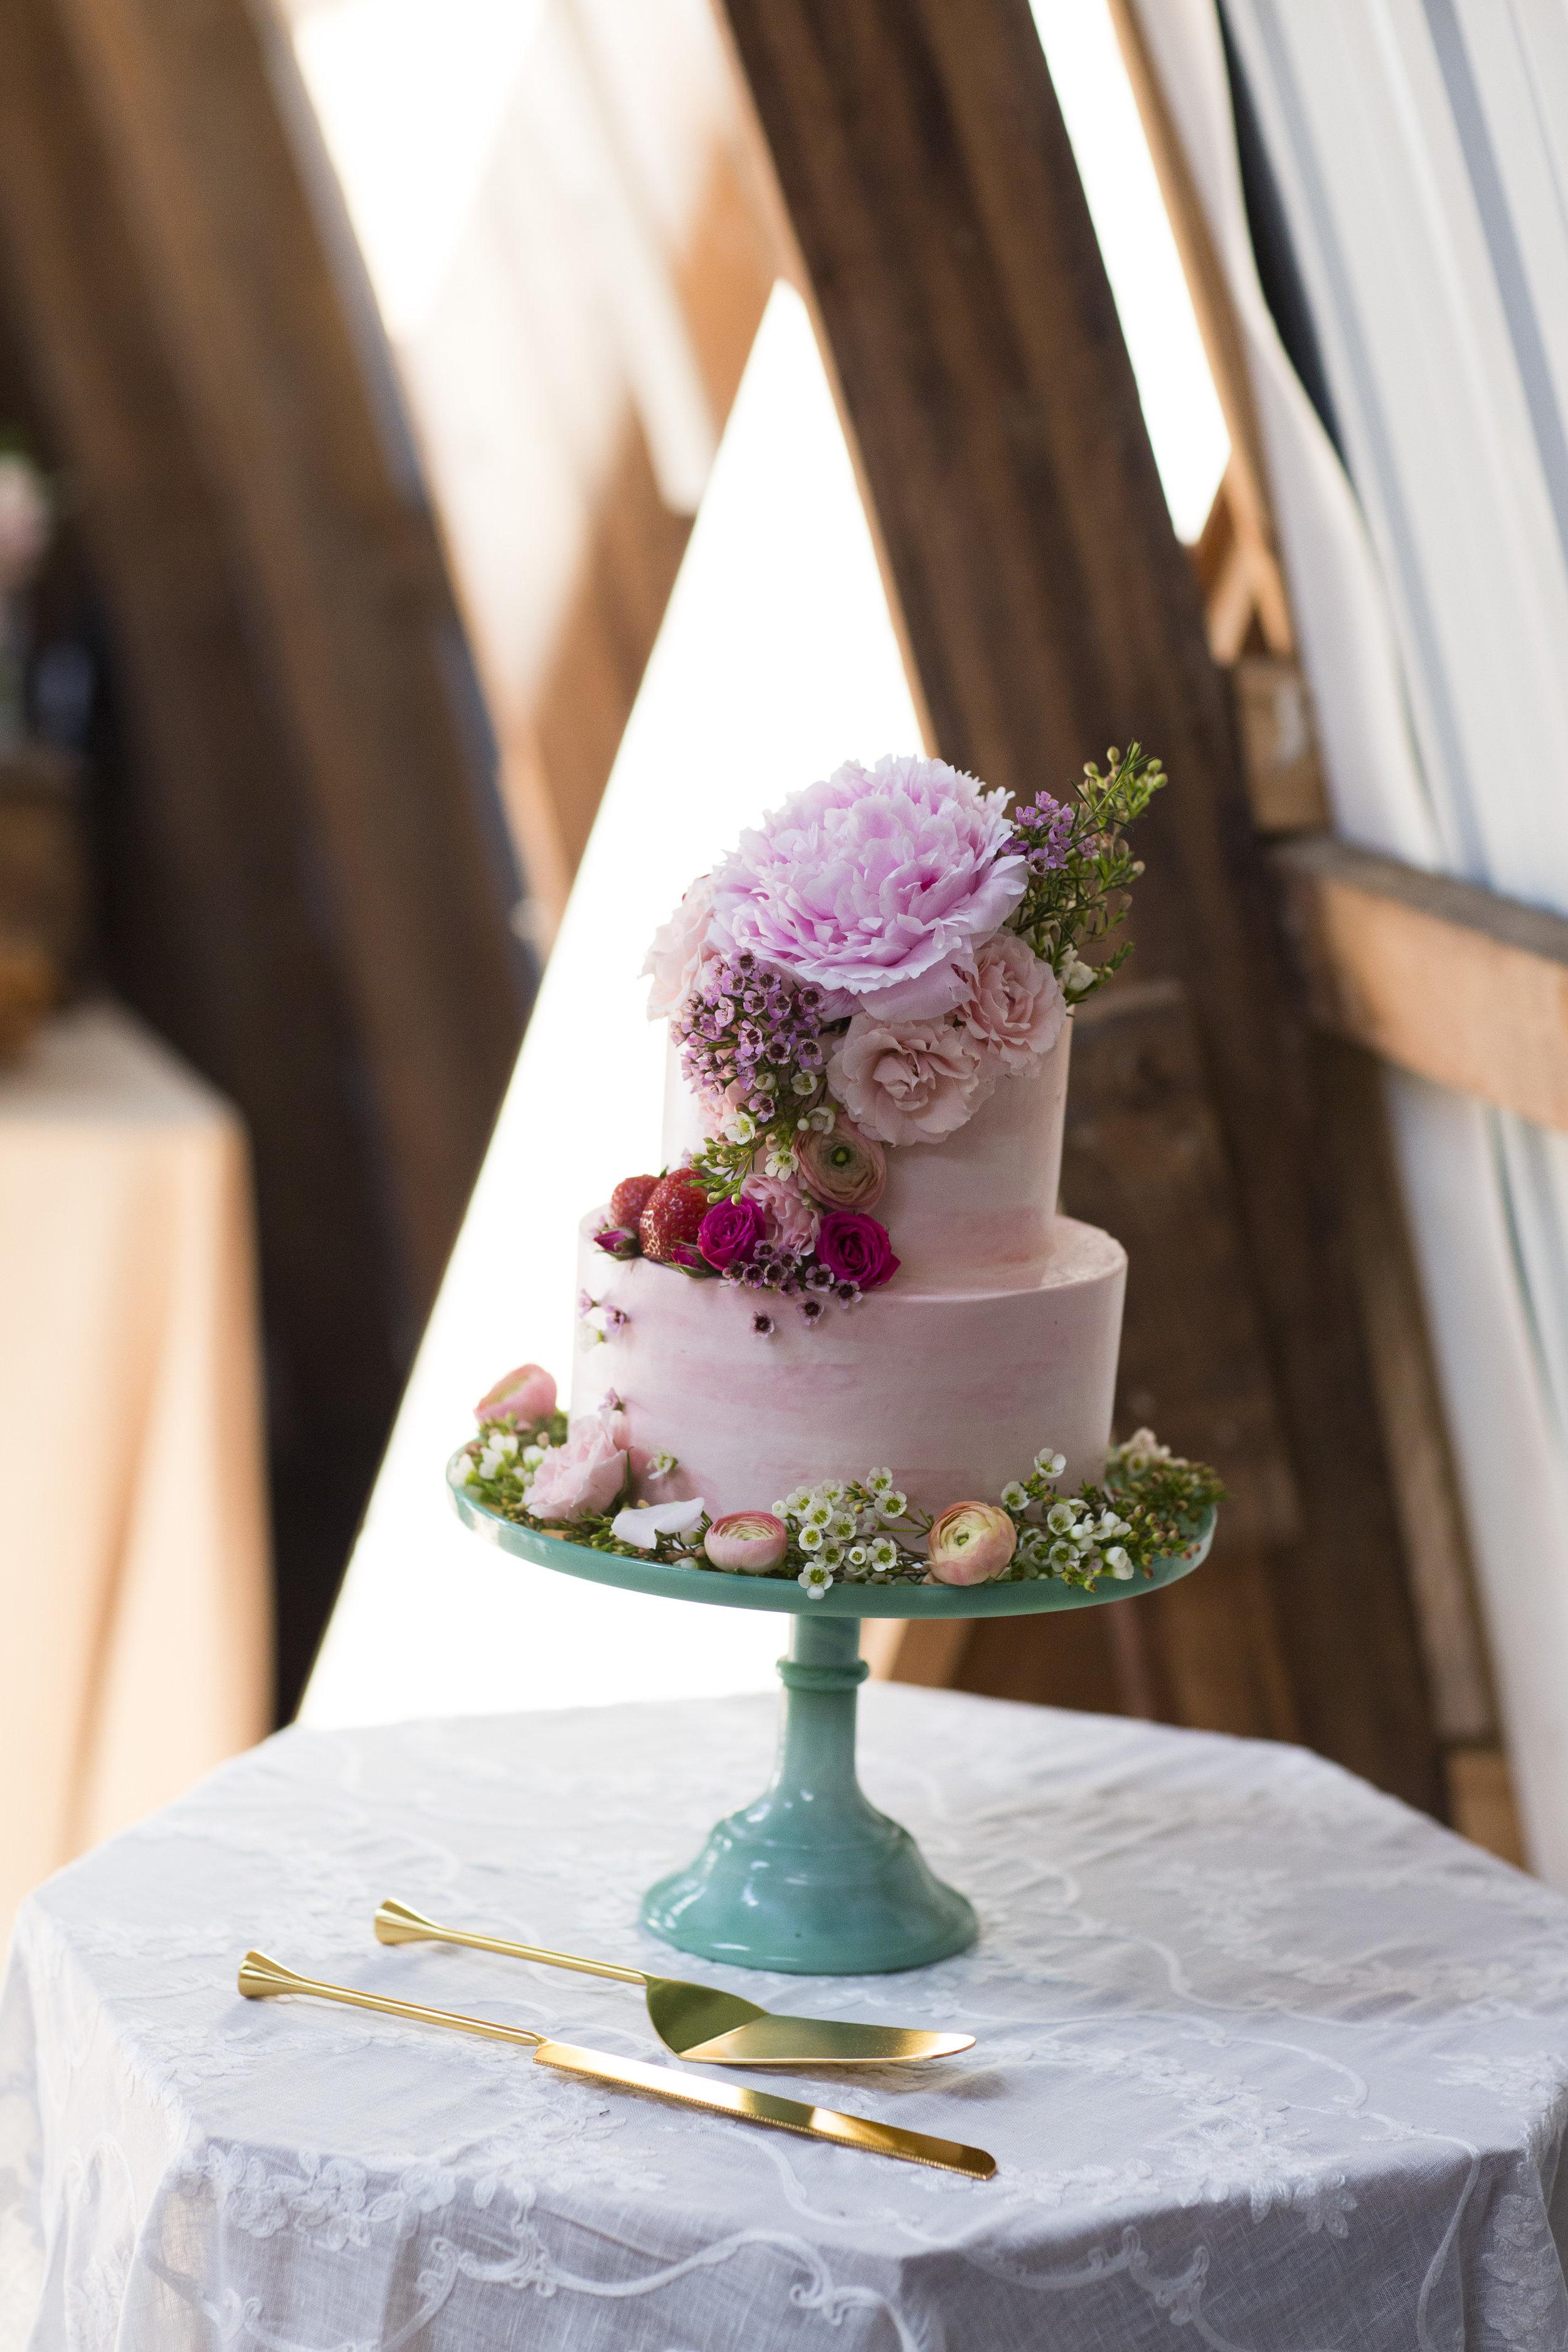 Summer Strawberry Cake, Everbreeze Farm